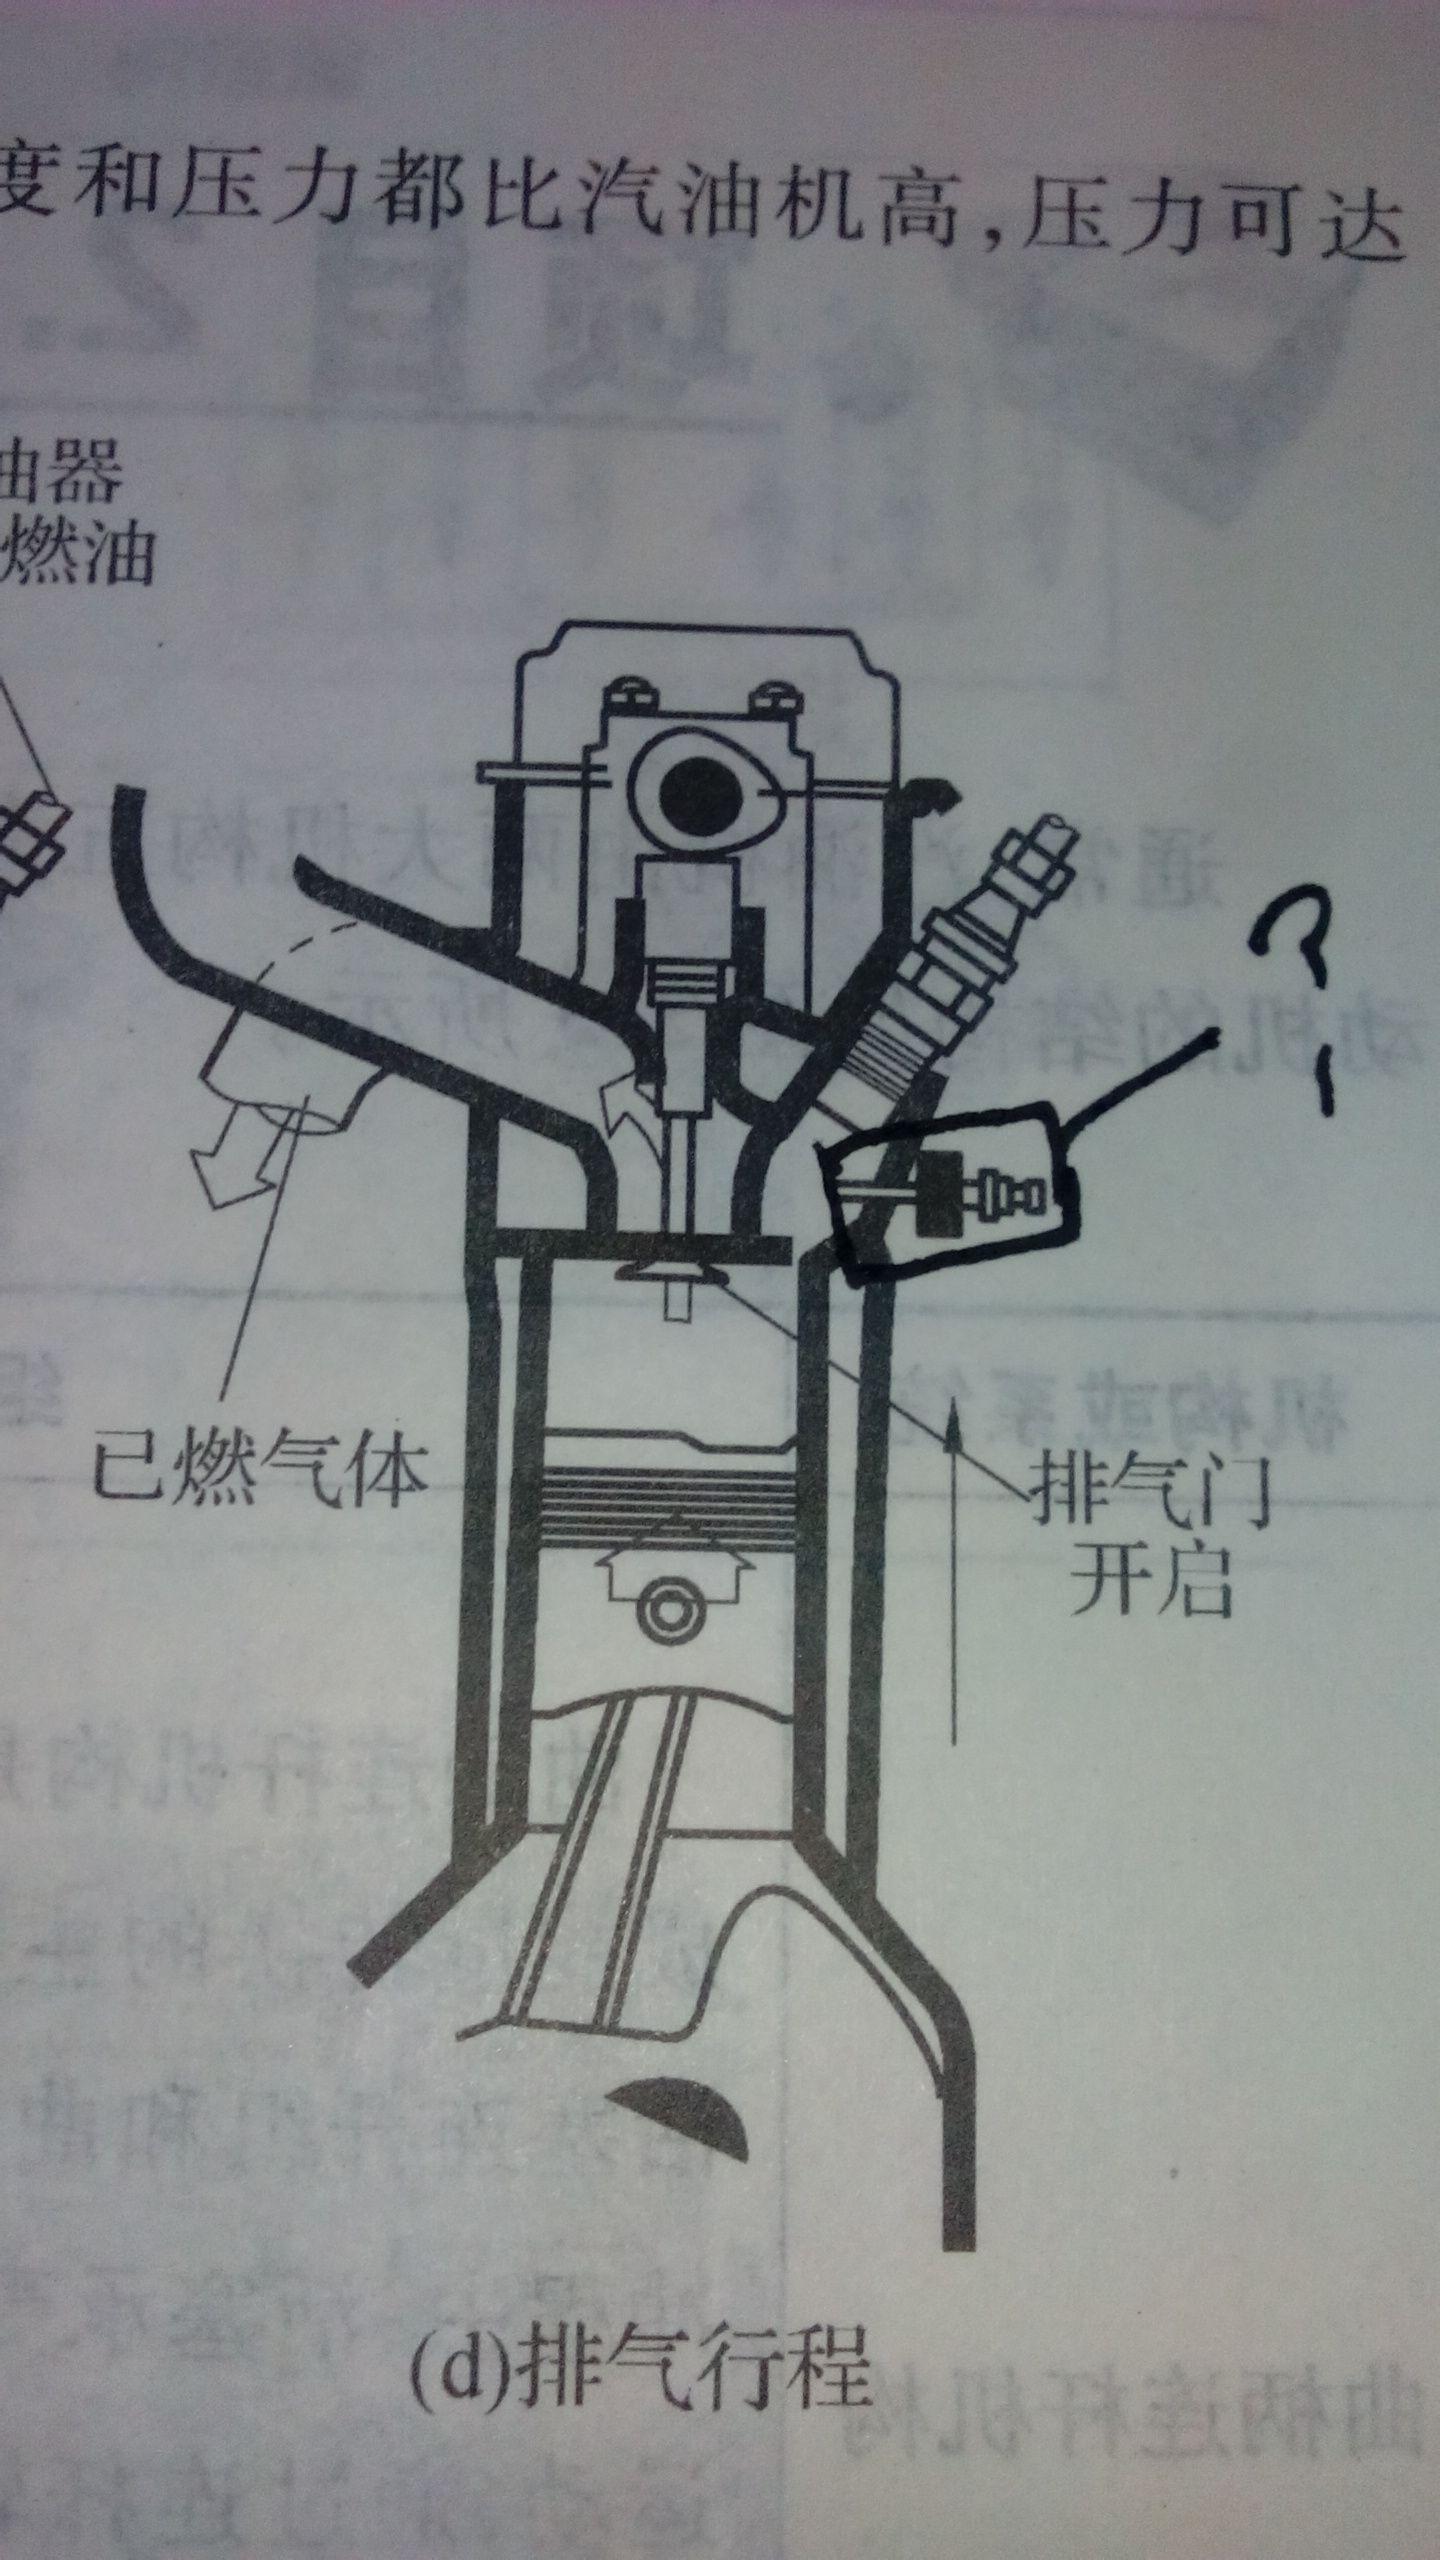 四冲程柴油机得工作原理示意图 高清图片